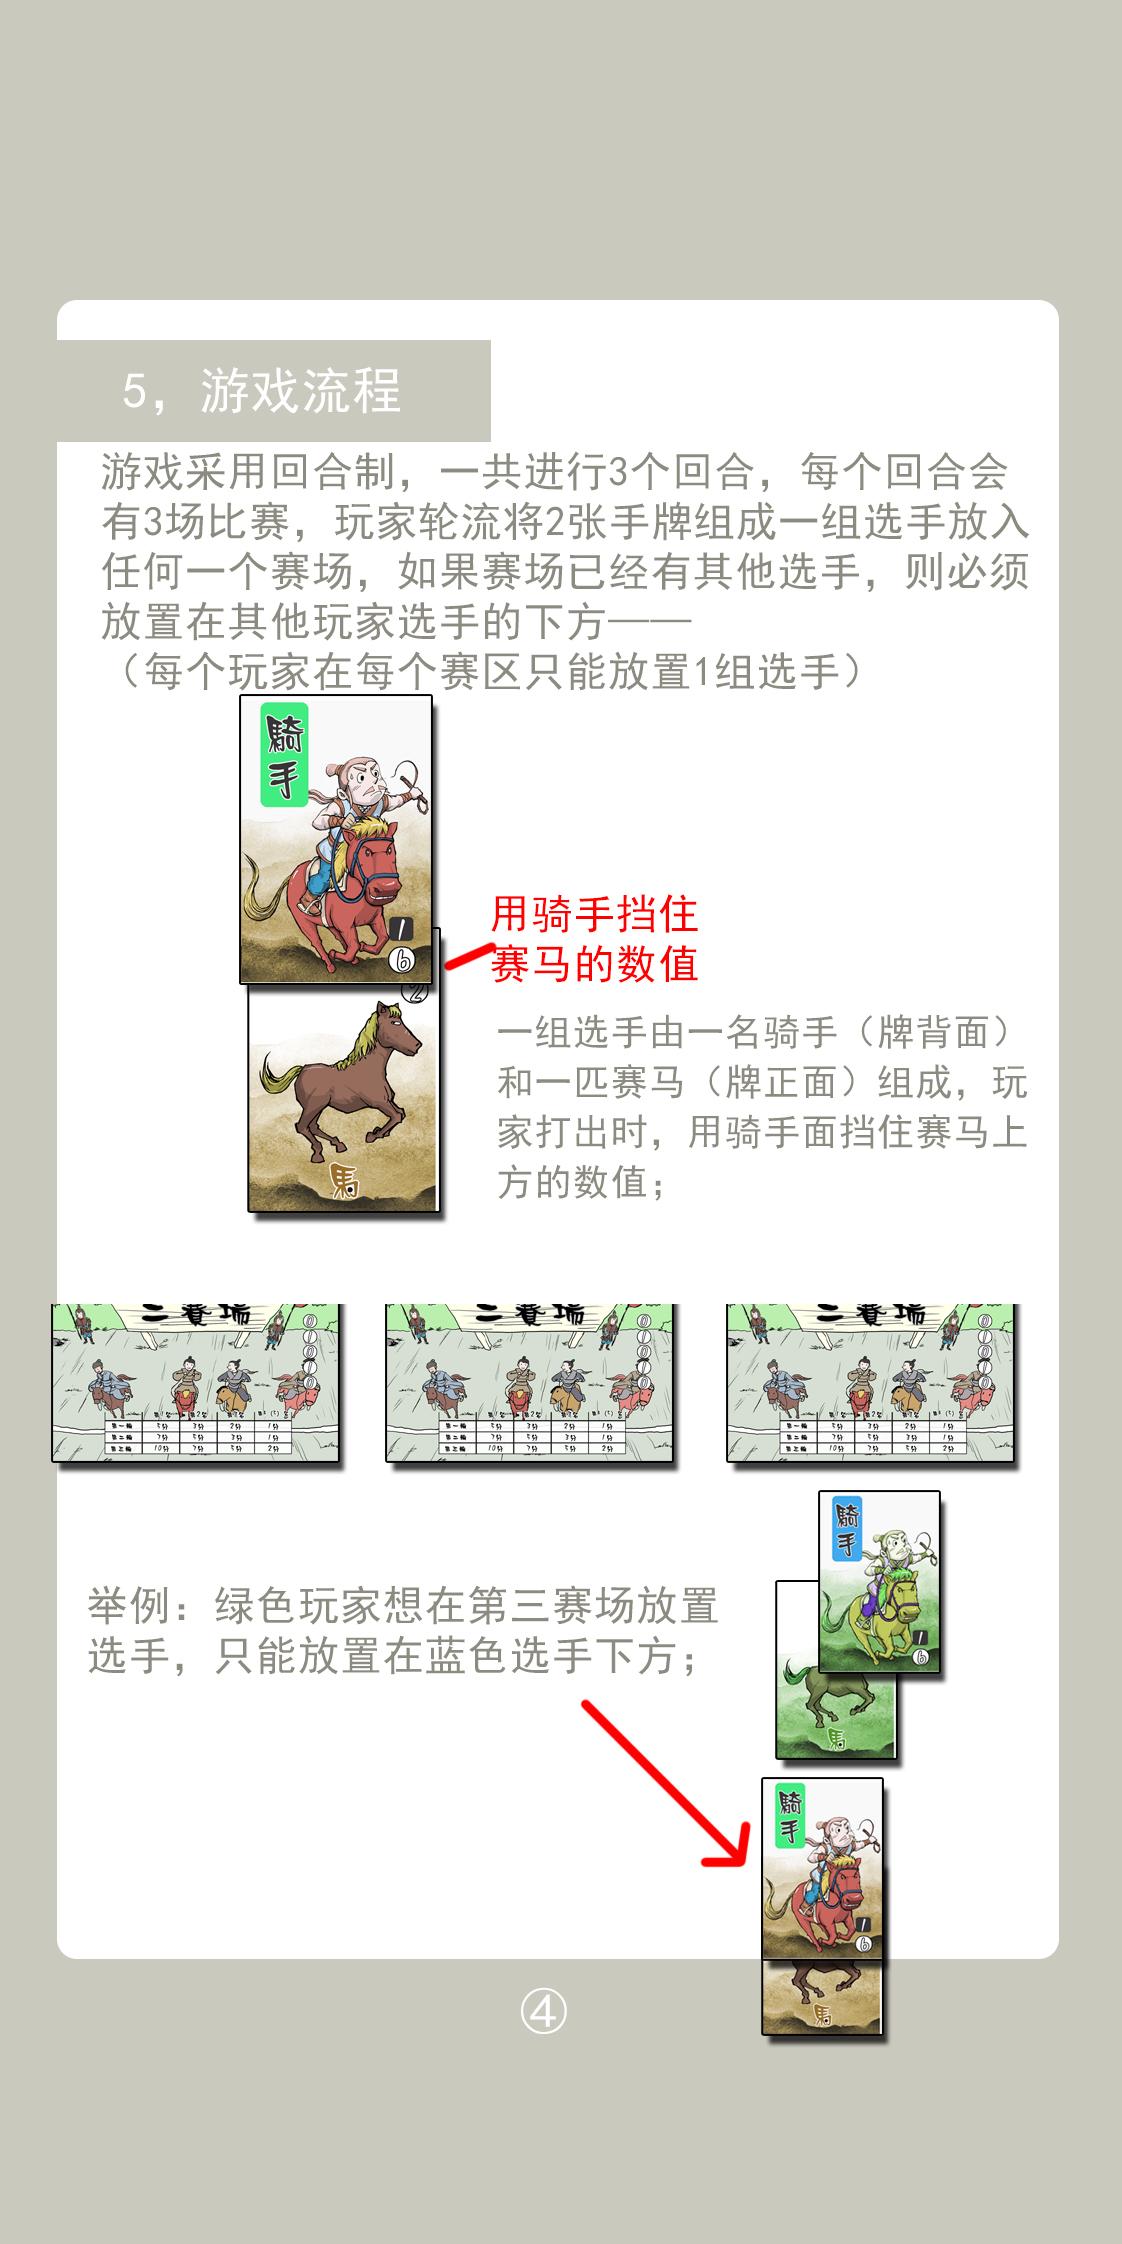 说明书04.jpg